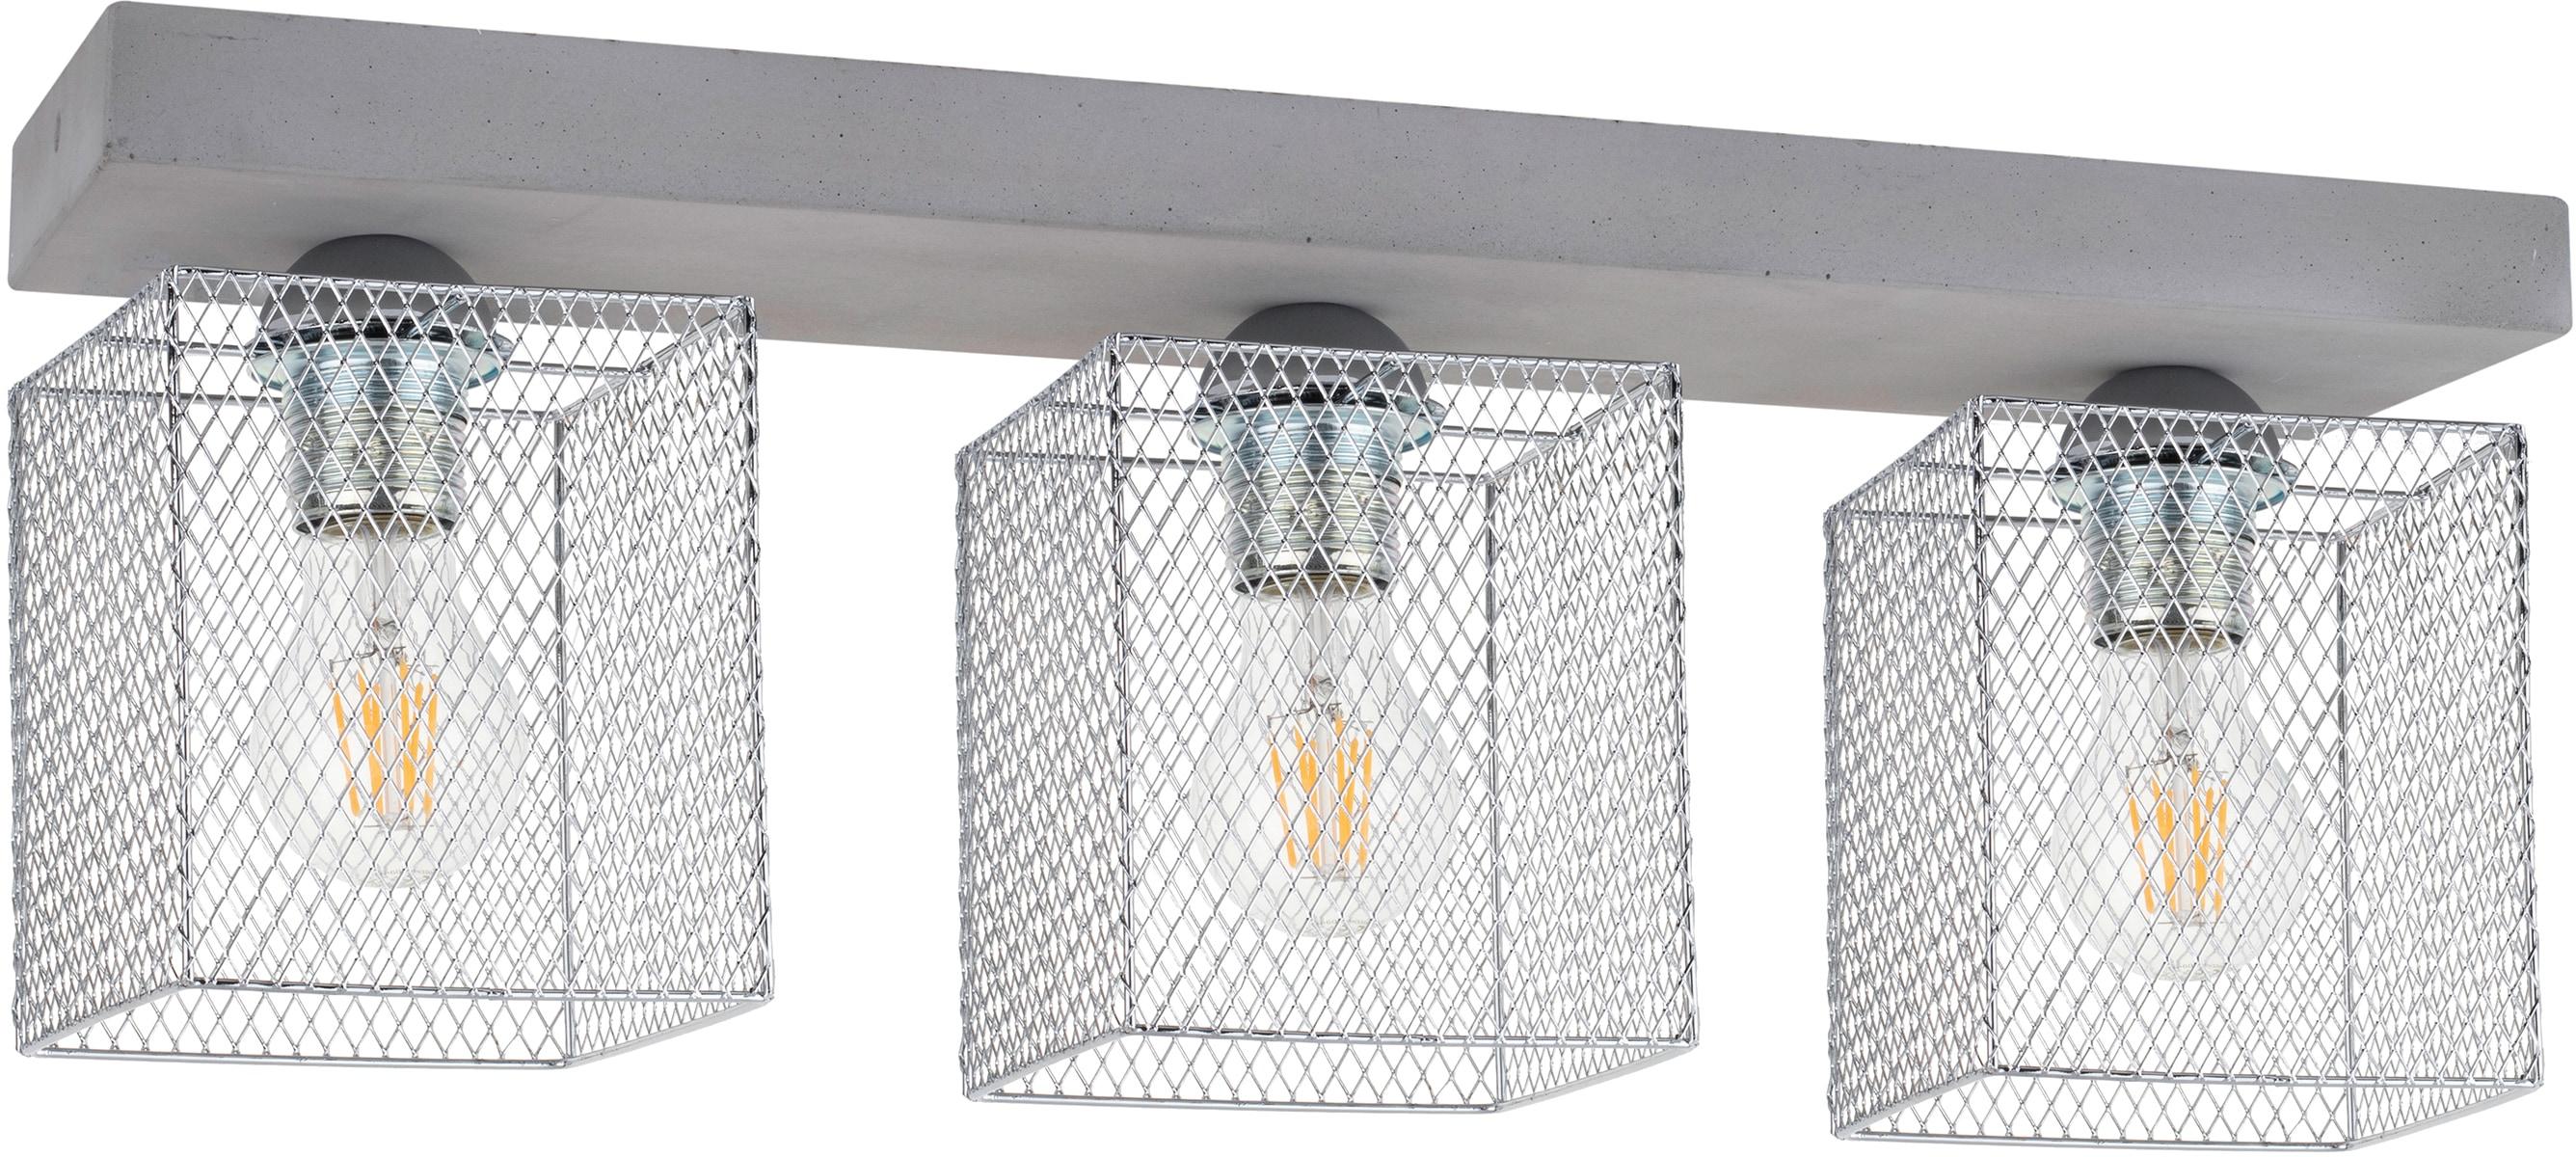 SPOT Light Deckenleuchte GITTAN, E27, 1 St., Echtes Beton, Naturprodukt - Nachhaltig, Made in EU, Handgemacht, Loft style